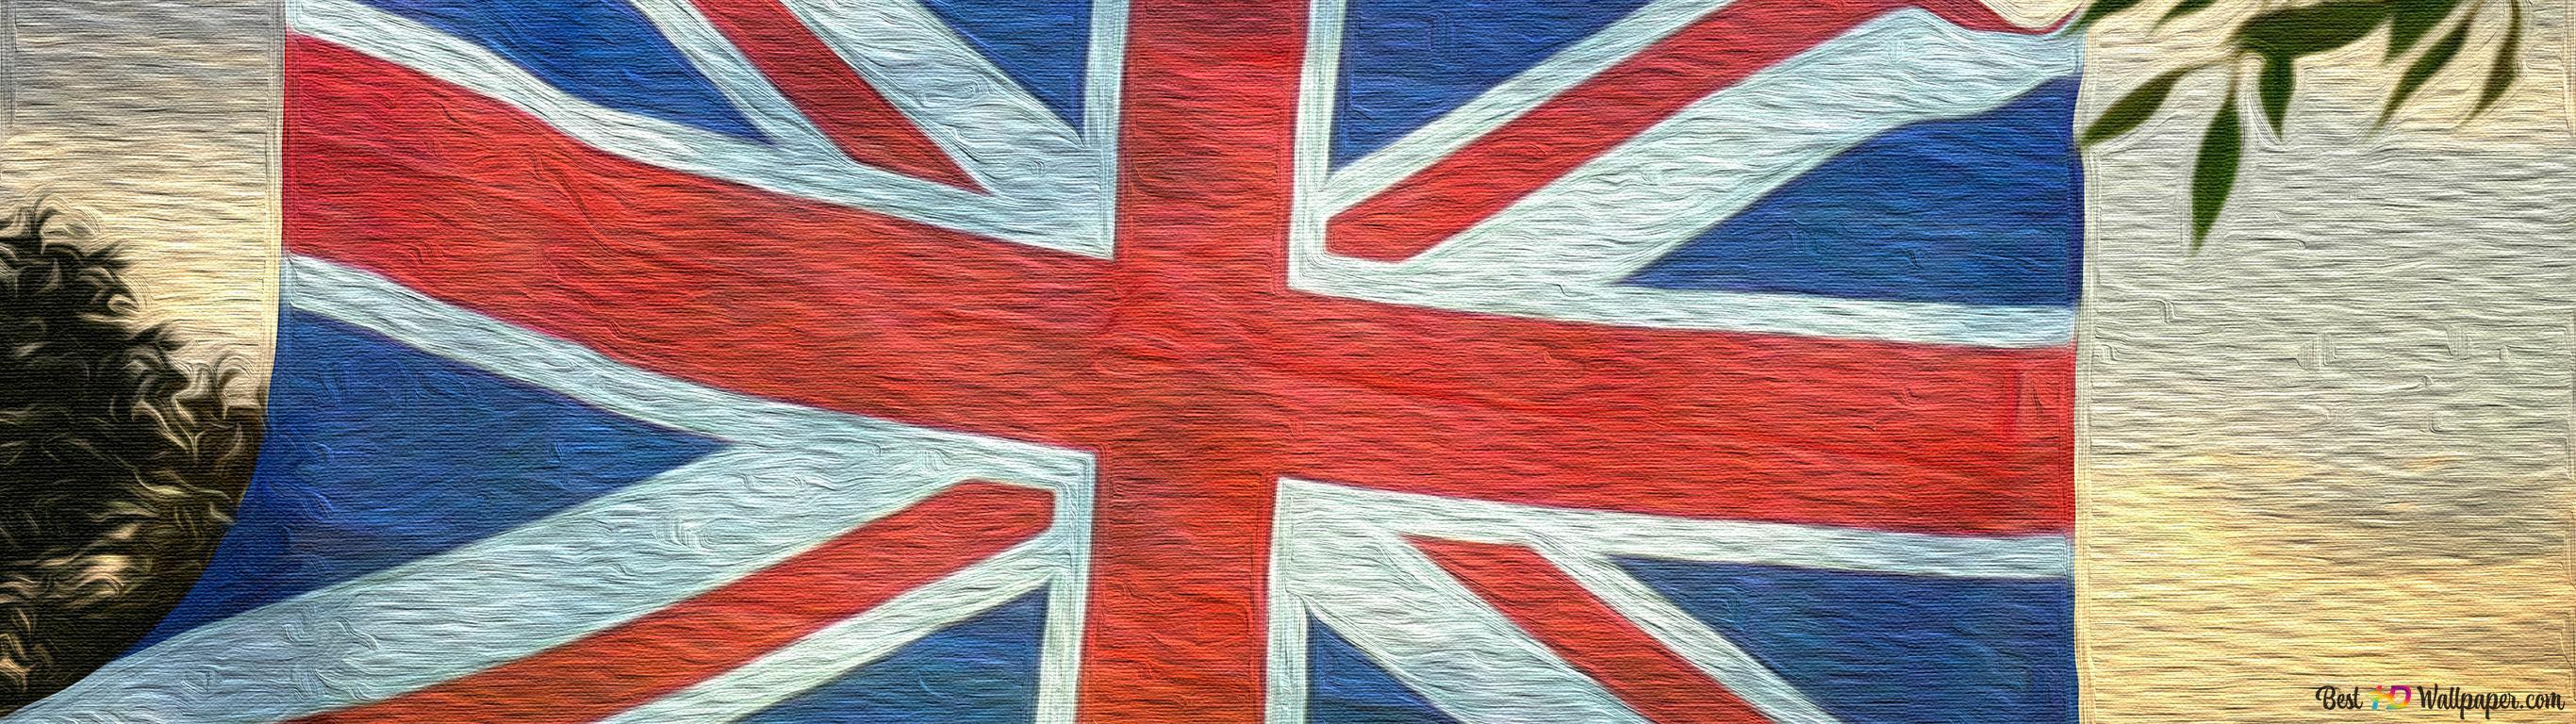 Descargar Fondo De Pantalla Union Jack Bandera Del Reino